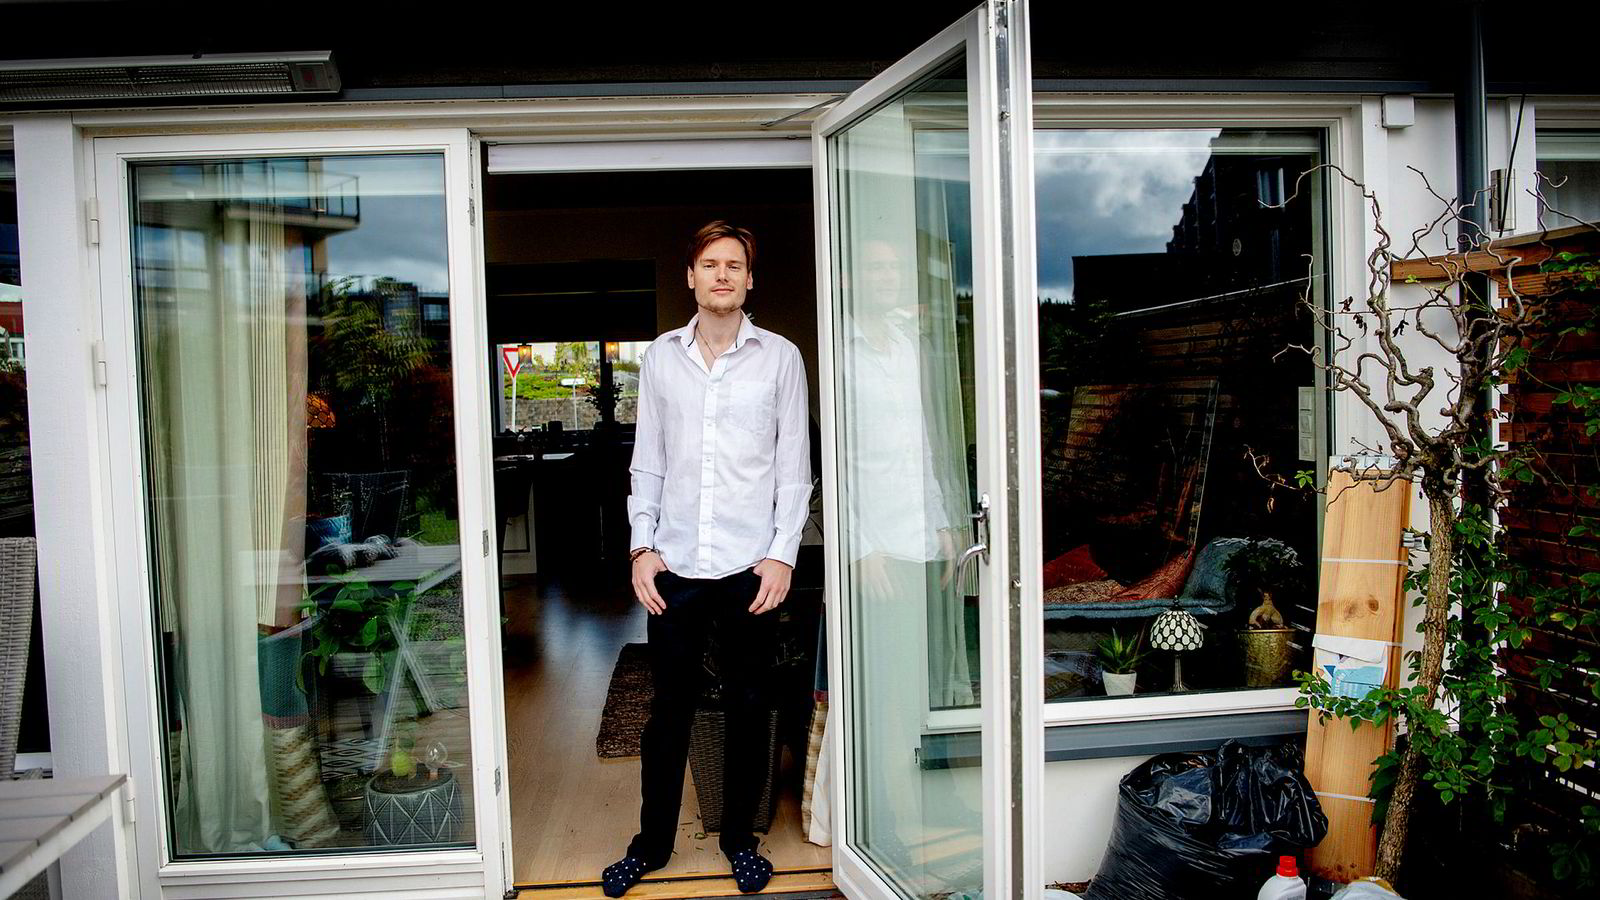 Sindre Jenssen og samboeren kjøpte i år et tre etasjers enderekkehus i Nittedal for gevinster fra salg av kryptovaluta. Boligen betalte de kontant. – Jeg liker høy risiko, sier Jenssen, som fortsatt eier litt kryptovaluta, men likevel har satt en del i banken.